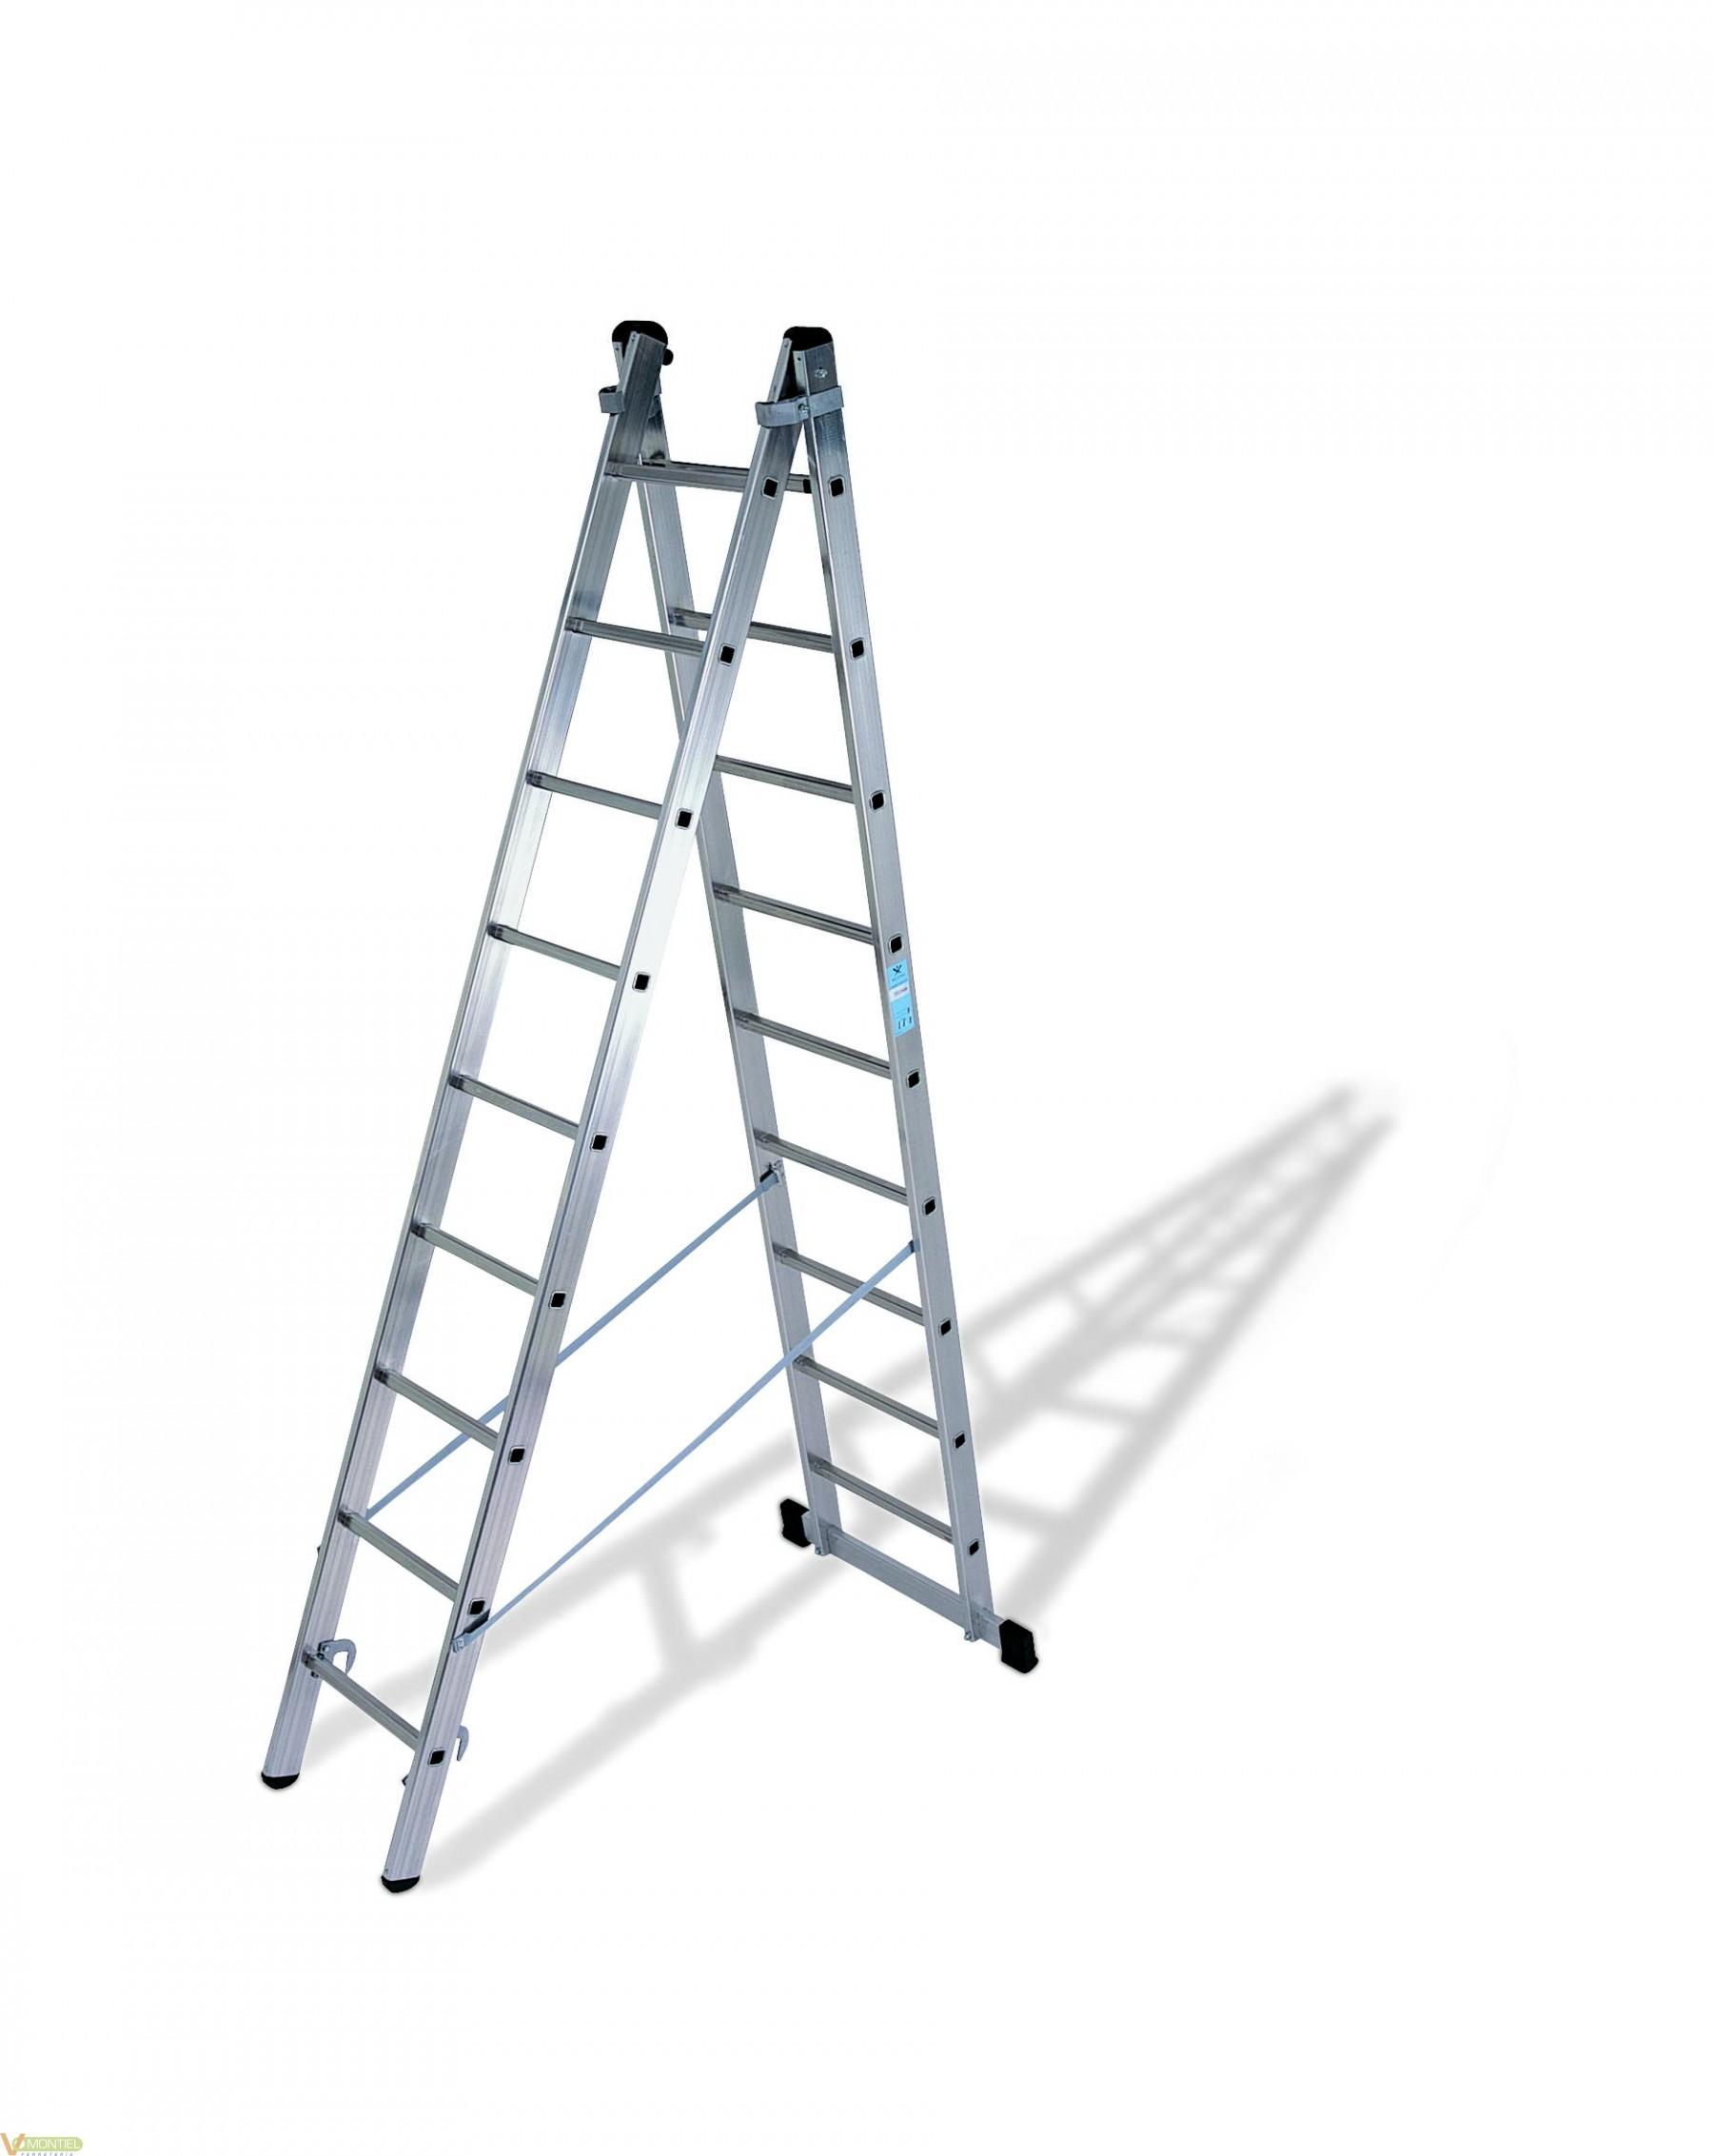 Escalera doble c/base 15x2 7.7-0